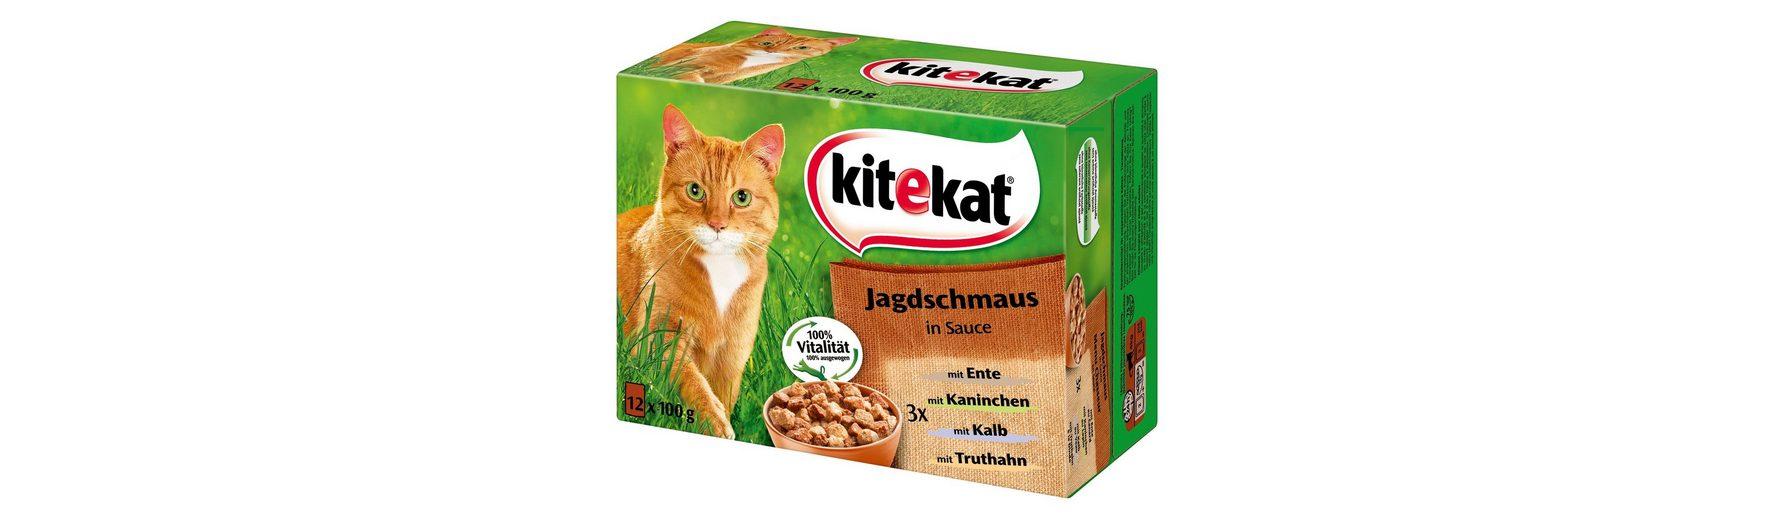 Set: Katzennassfutter »Jagdschmaus in Sauce«, 4 Pakete mit je 12 Beuteln á 100 g